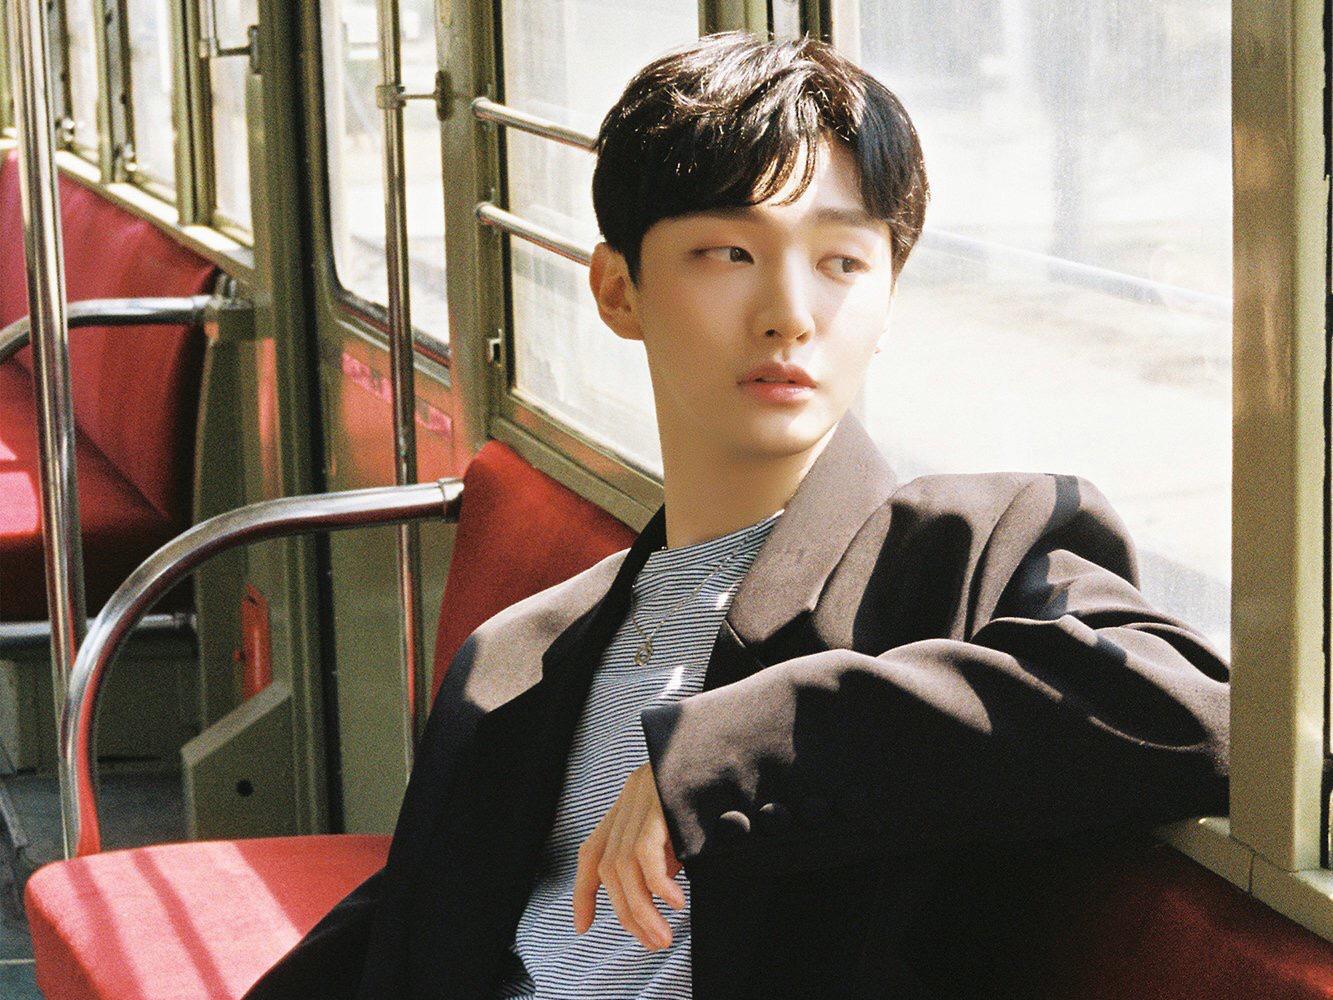 Biodata, Profil, dan Fakta Lengkap Yoon Jisung (Wanna One) - KEPOPER